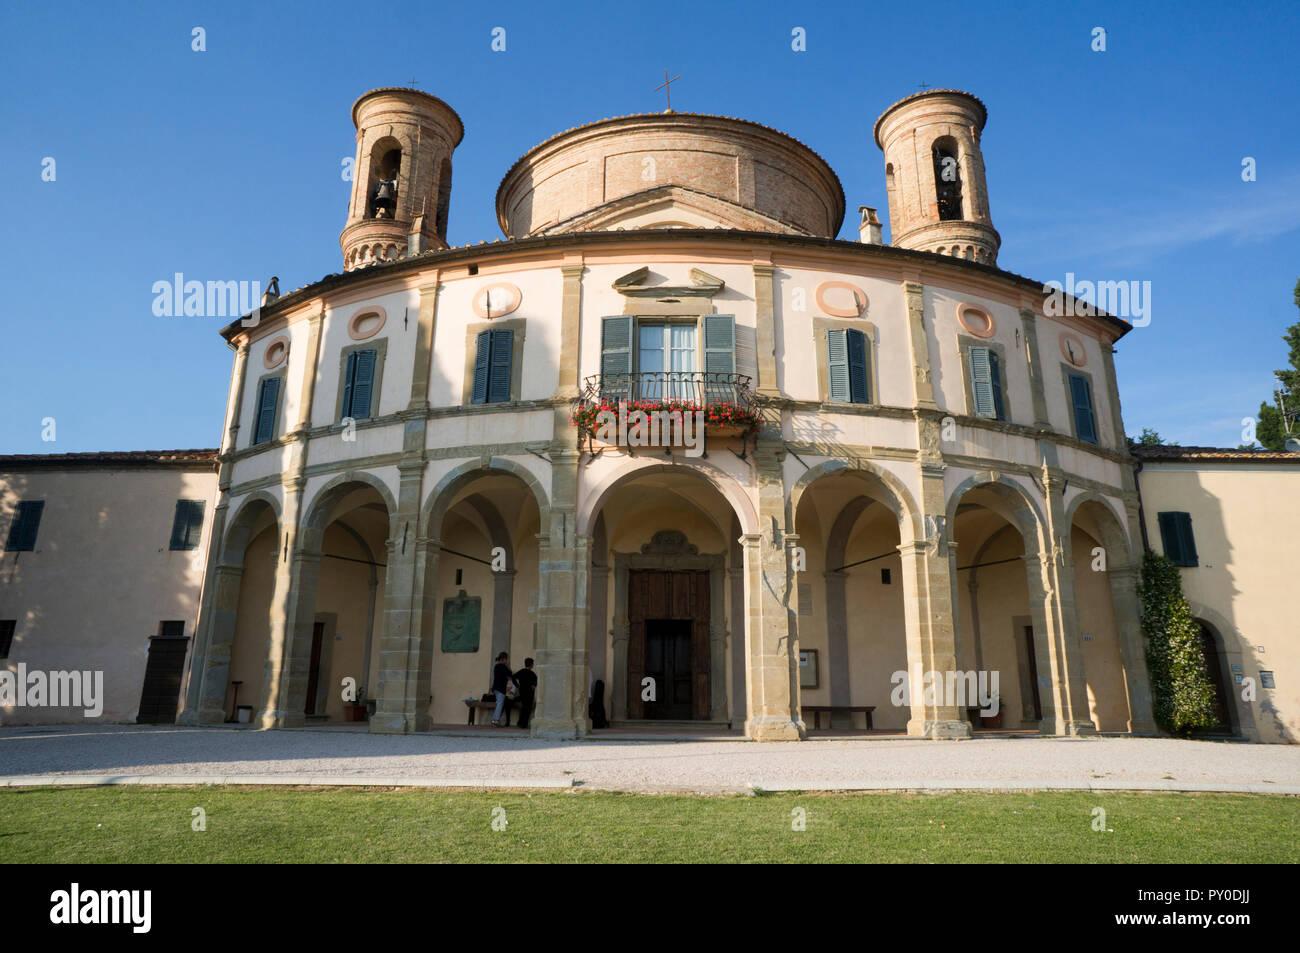 Sanctuary of Madonna di Belvedere, near Città di Castello, Umbria, Italy - Stock Image